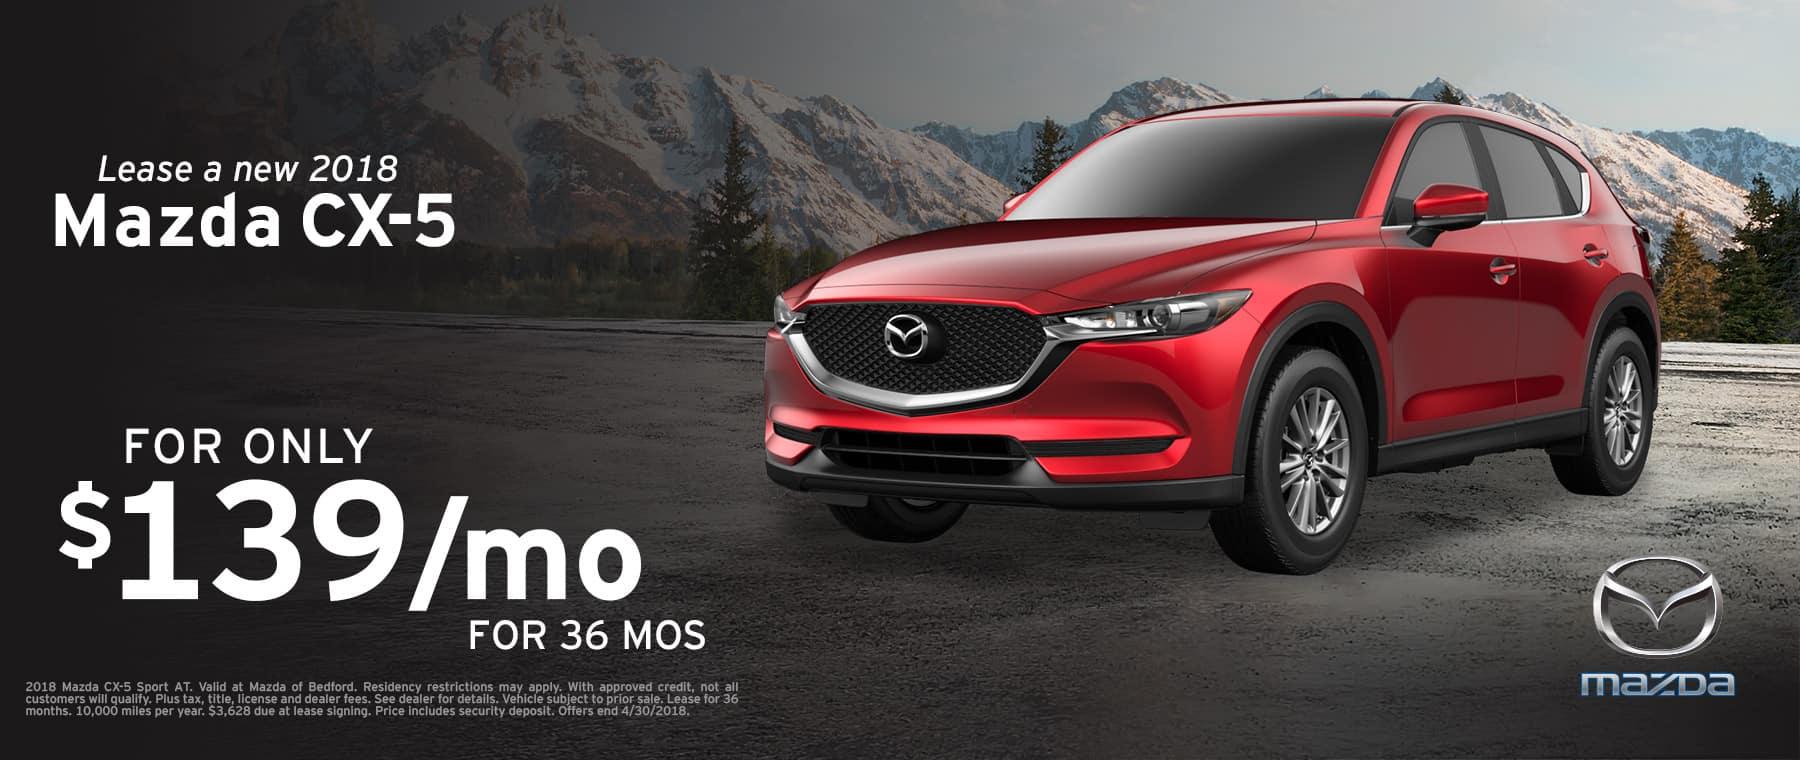 2018 Mazda CX-5 April